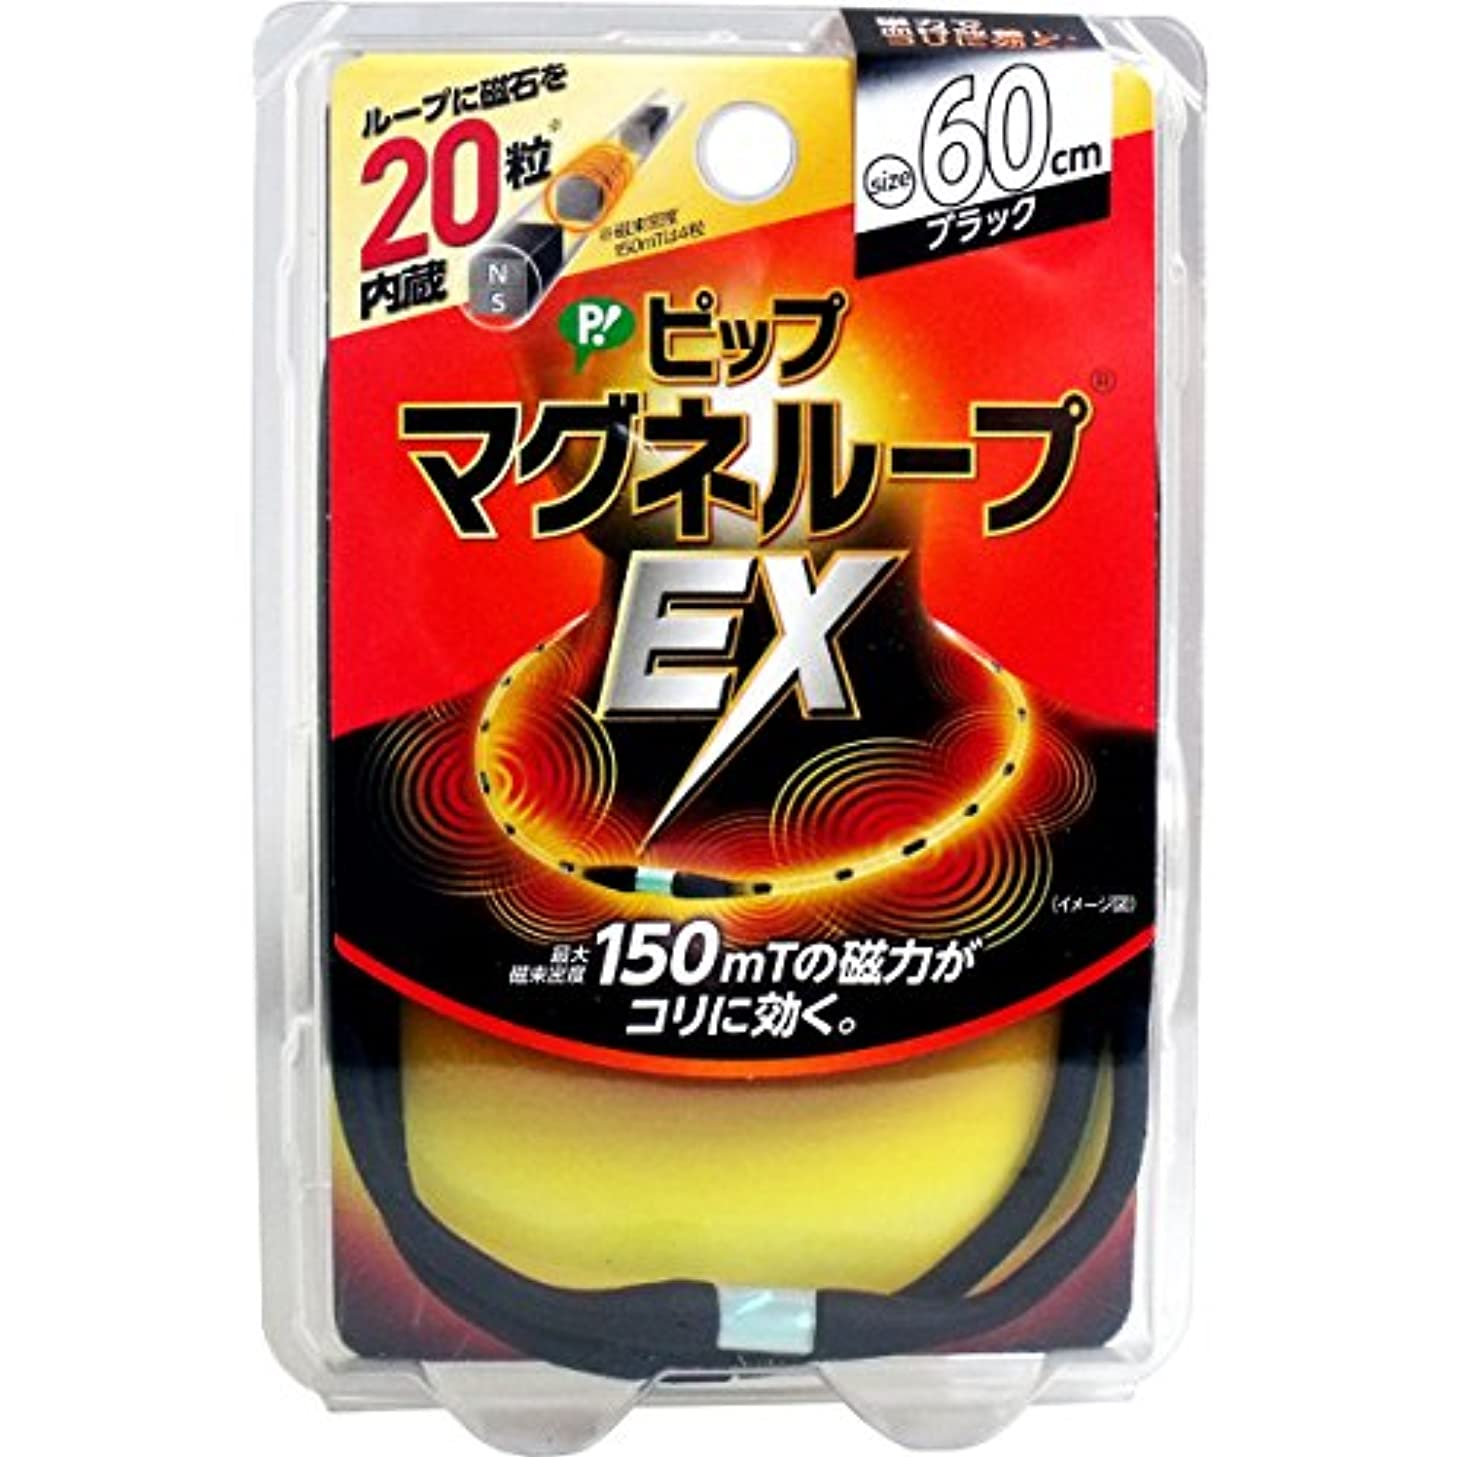 受けるおとなしい経験的【ピップ】マグネループEX 高磁力タイプ ブラック 60cm ×5個セット